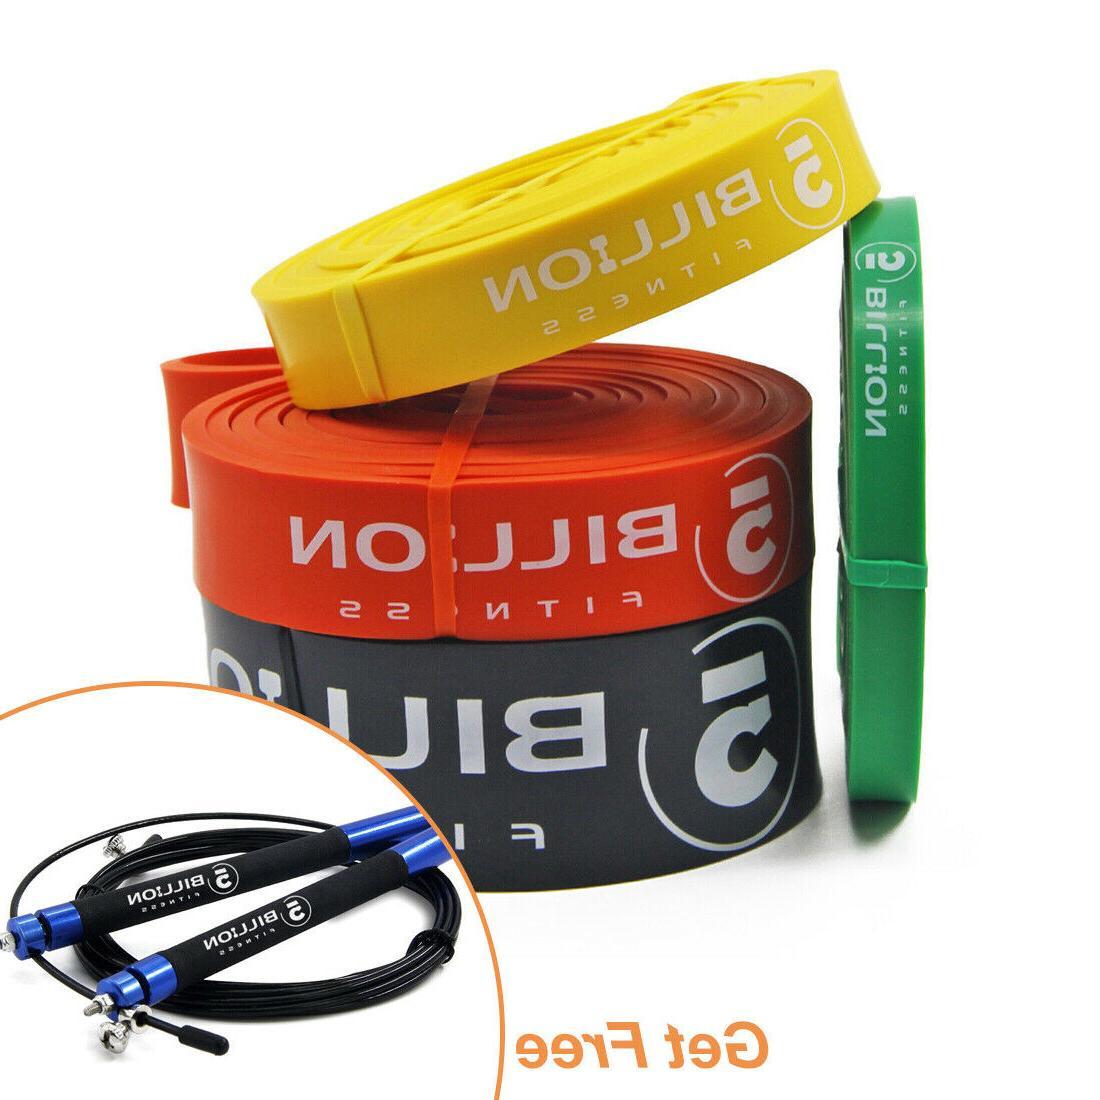 pull up assist bands resistance bands set